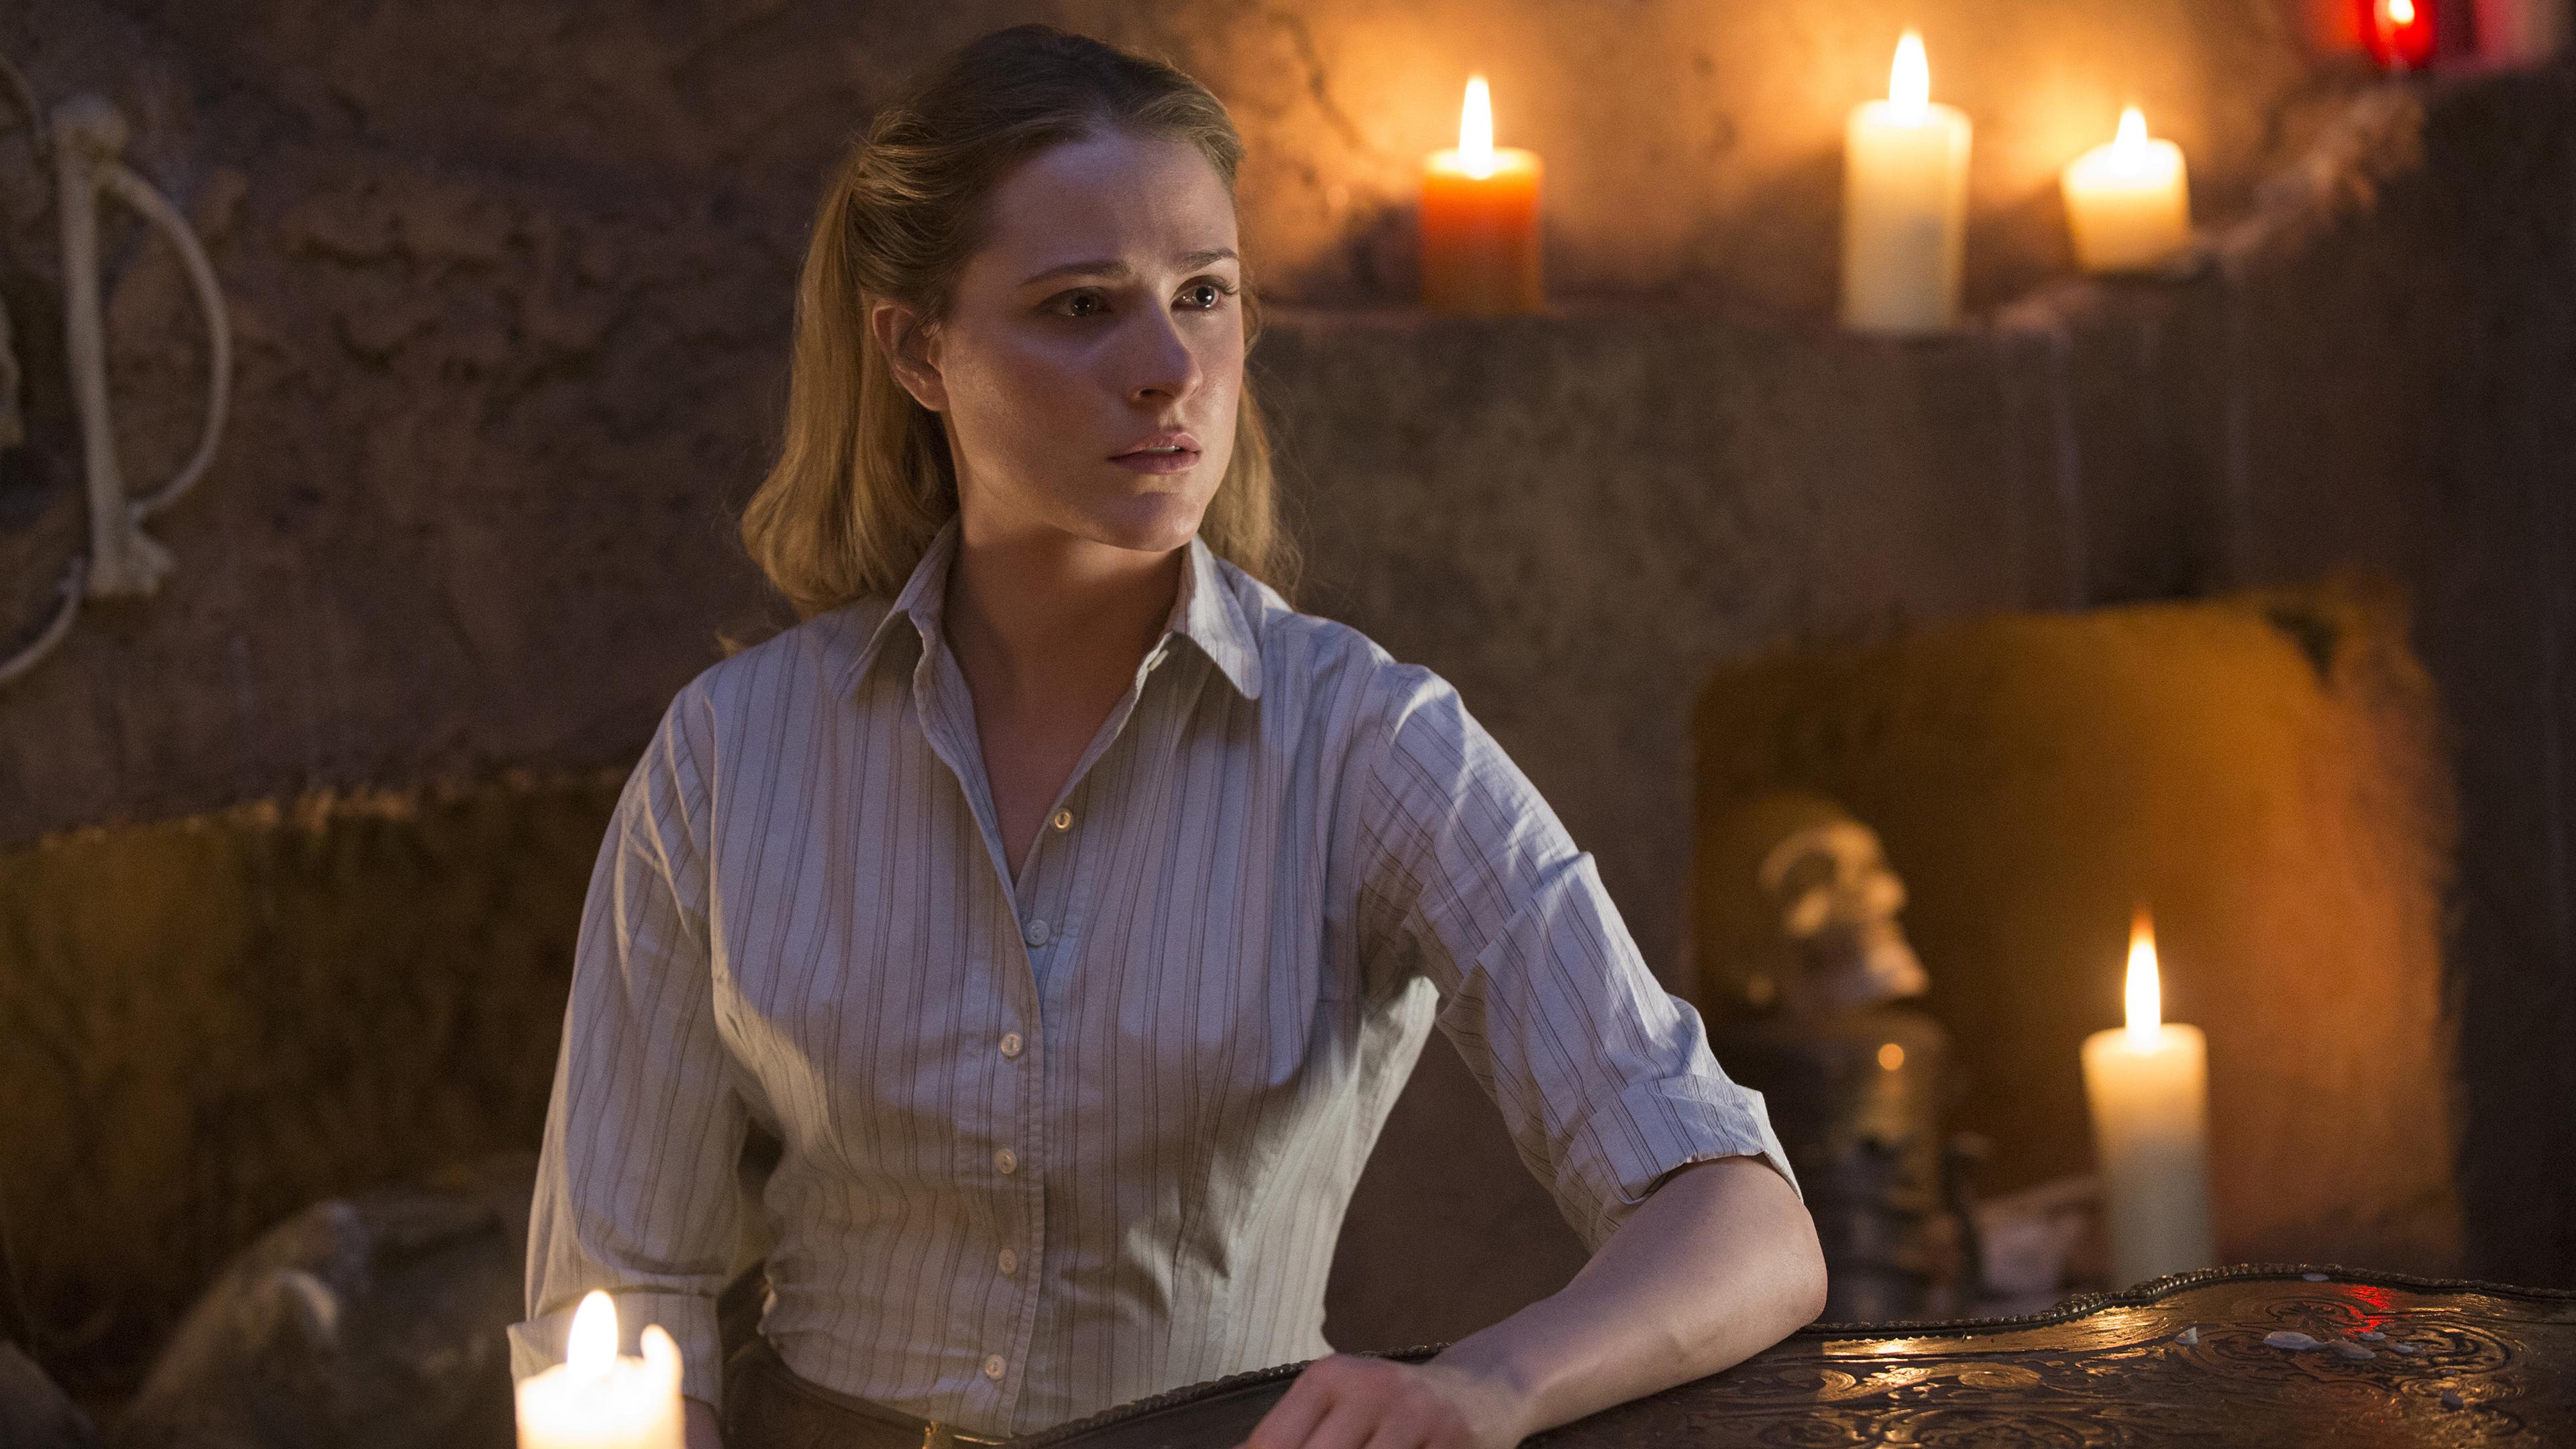 Светловолосая девушка в заброшенном доме горящих свечей